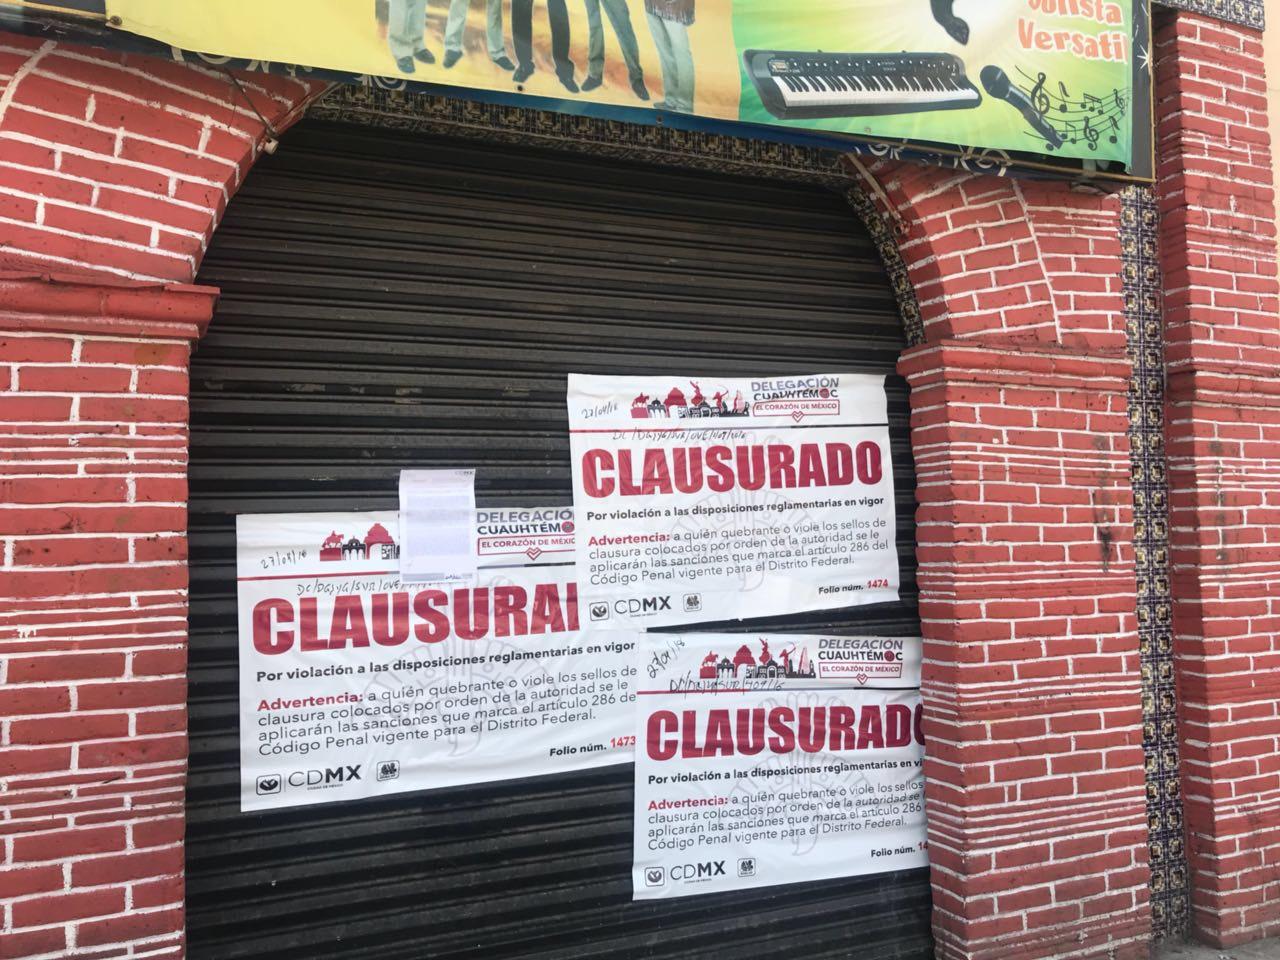 REALIZAN 11 CLAUSURAS EN OPERATIVO PARA VERIFICAR FUNCIONAMIENTO DE ESTABLECIMIENTOS MERCANTILES